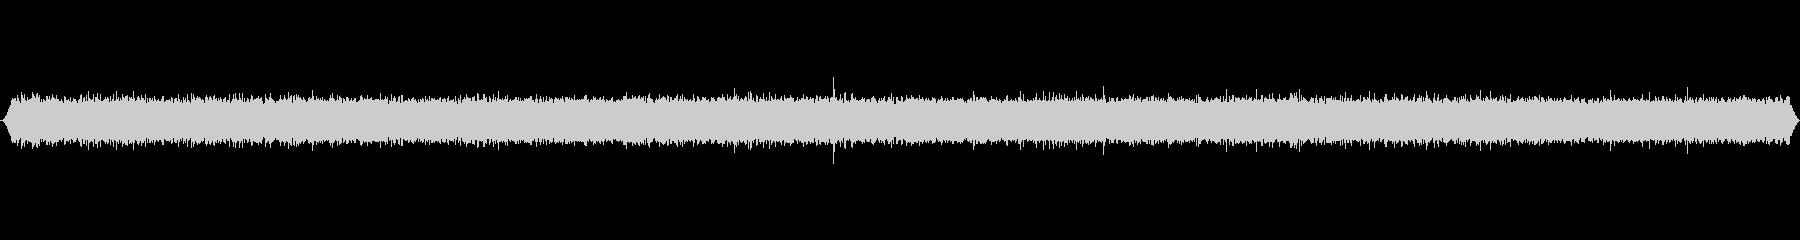 流れ水 水 リバーストリームノイズ01の未再生の波形